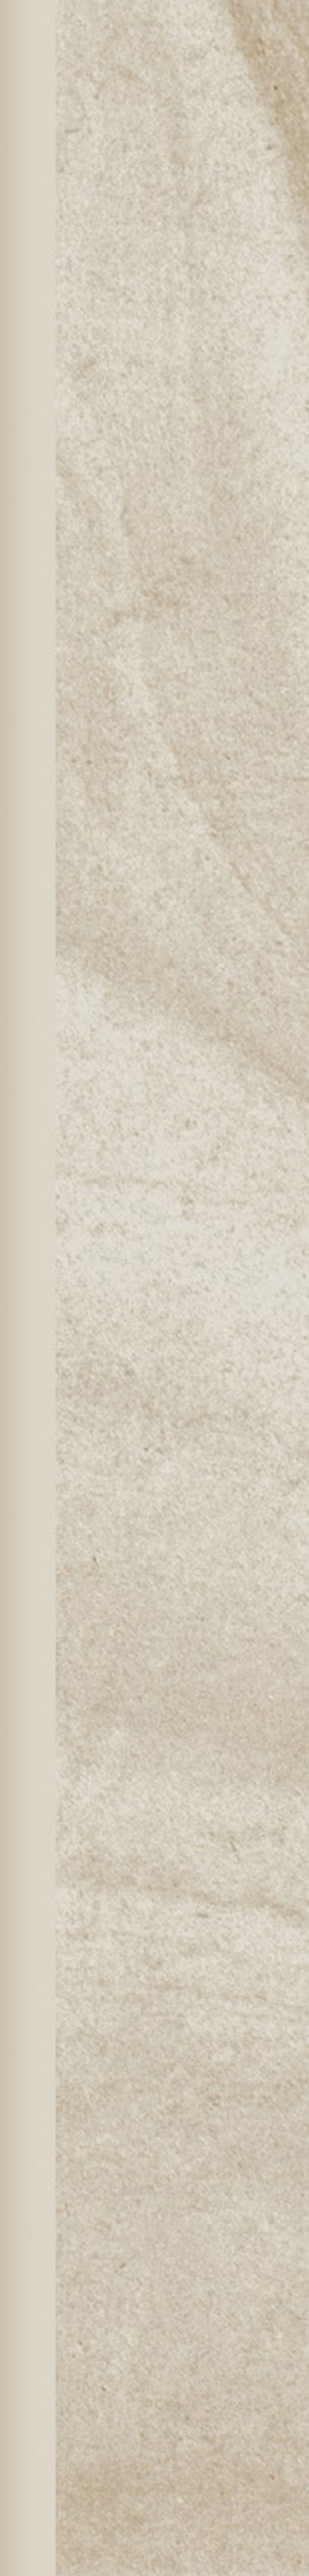 Płytka cokołowa 7,2x60 cm  Paradyż Teakstone Bianco Cokół Mat